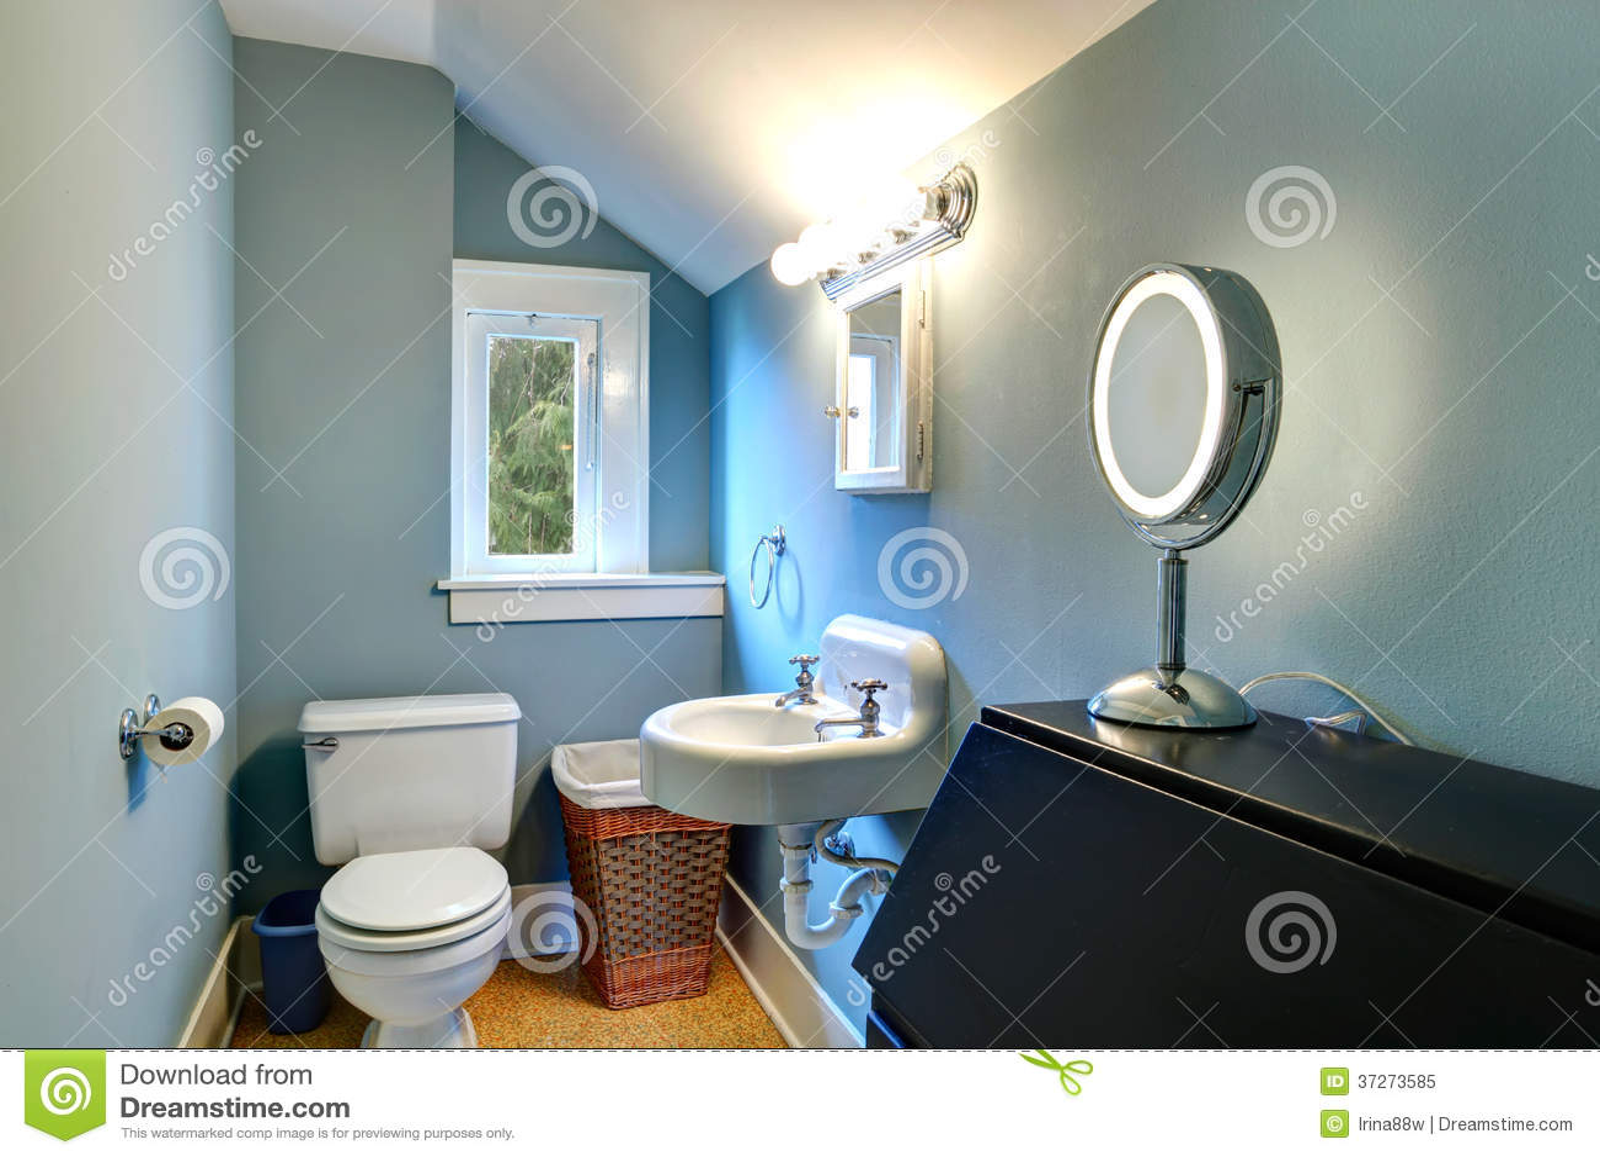 Luz Arcado Banheiro Pequeno Azul Foto de Stock Royalty Free Imagem  #704128 1300x957 Banheiro Com Luz Azul